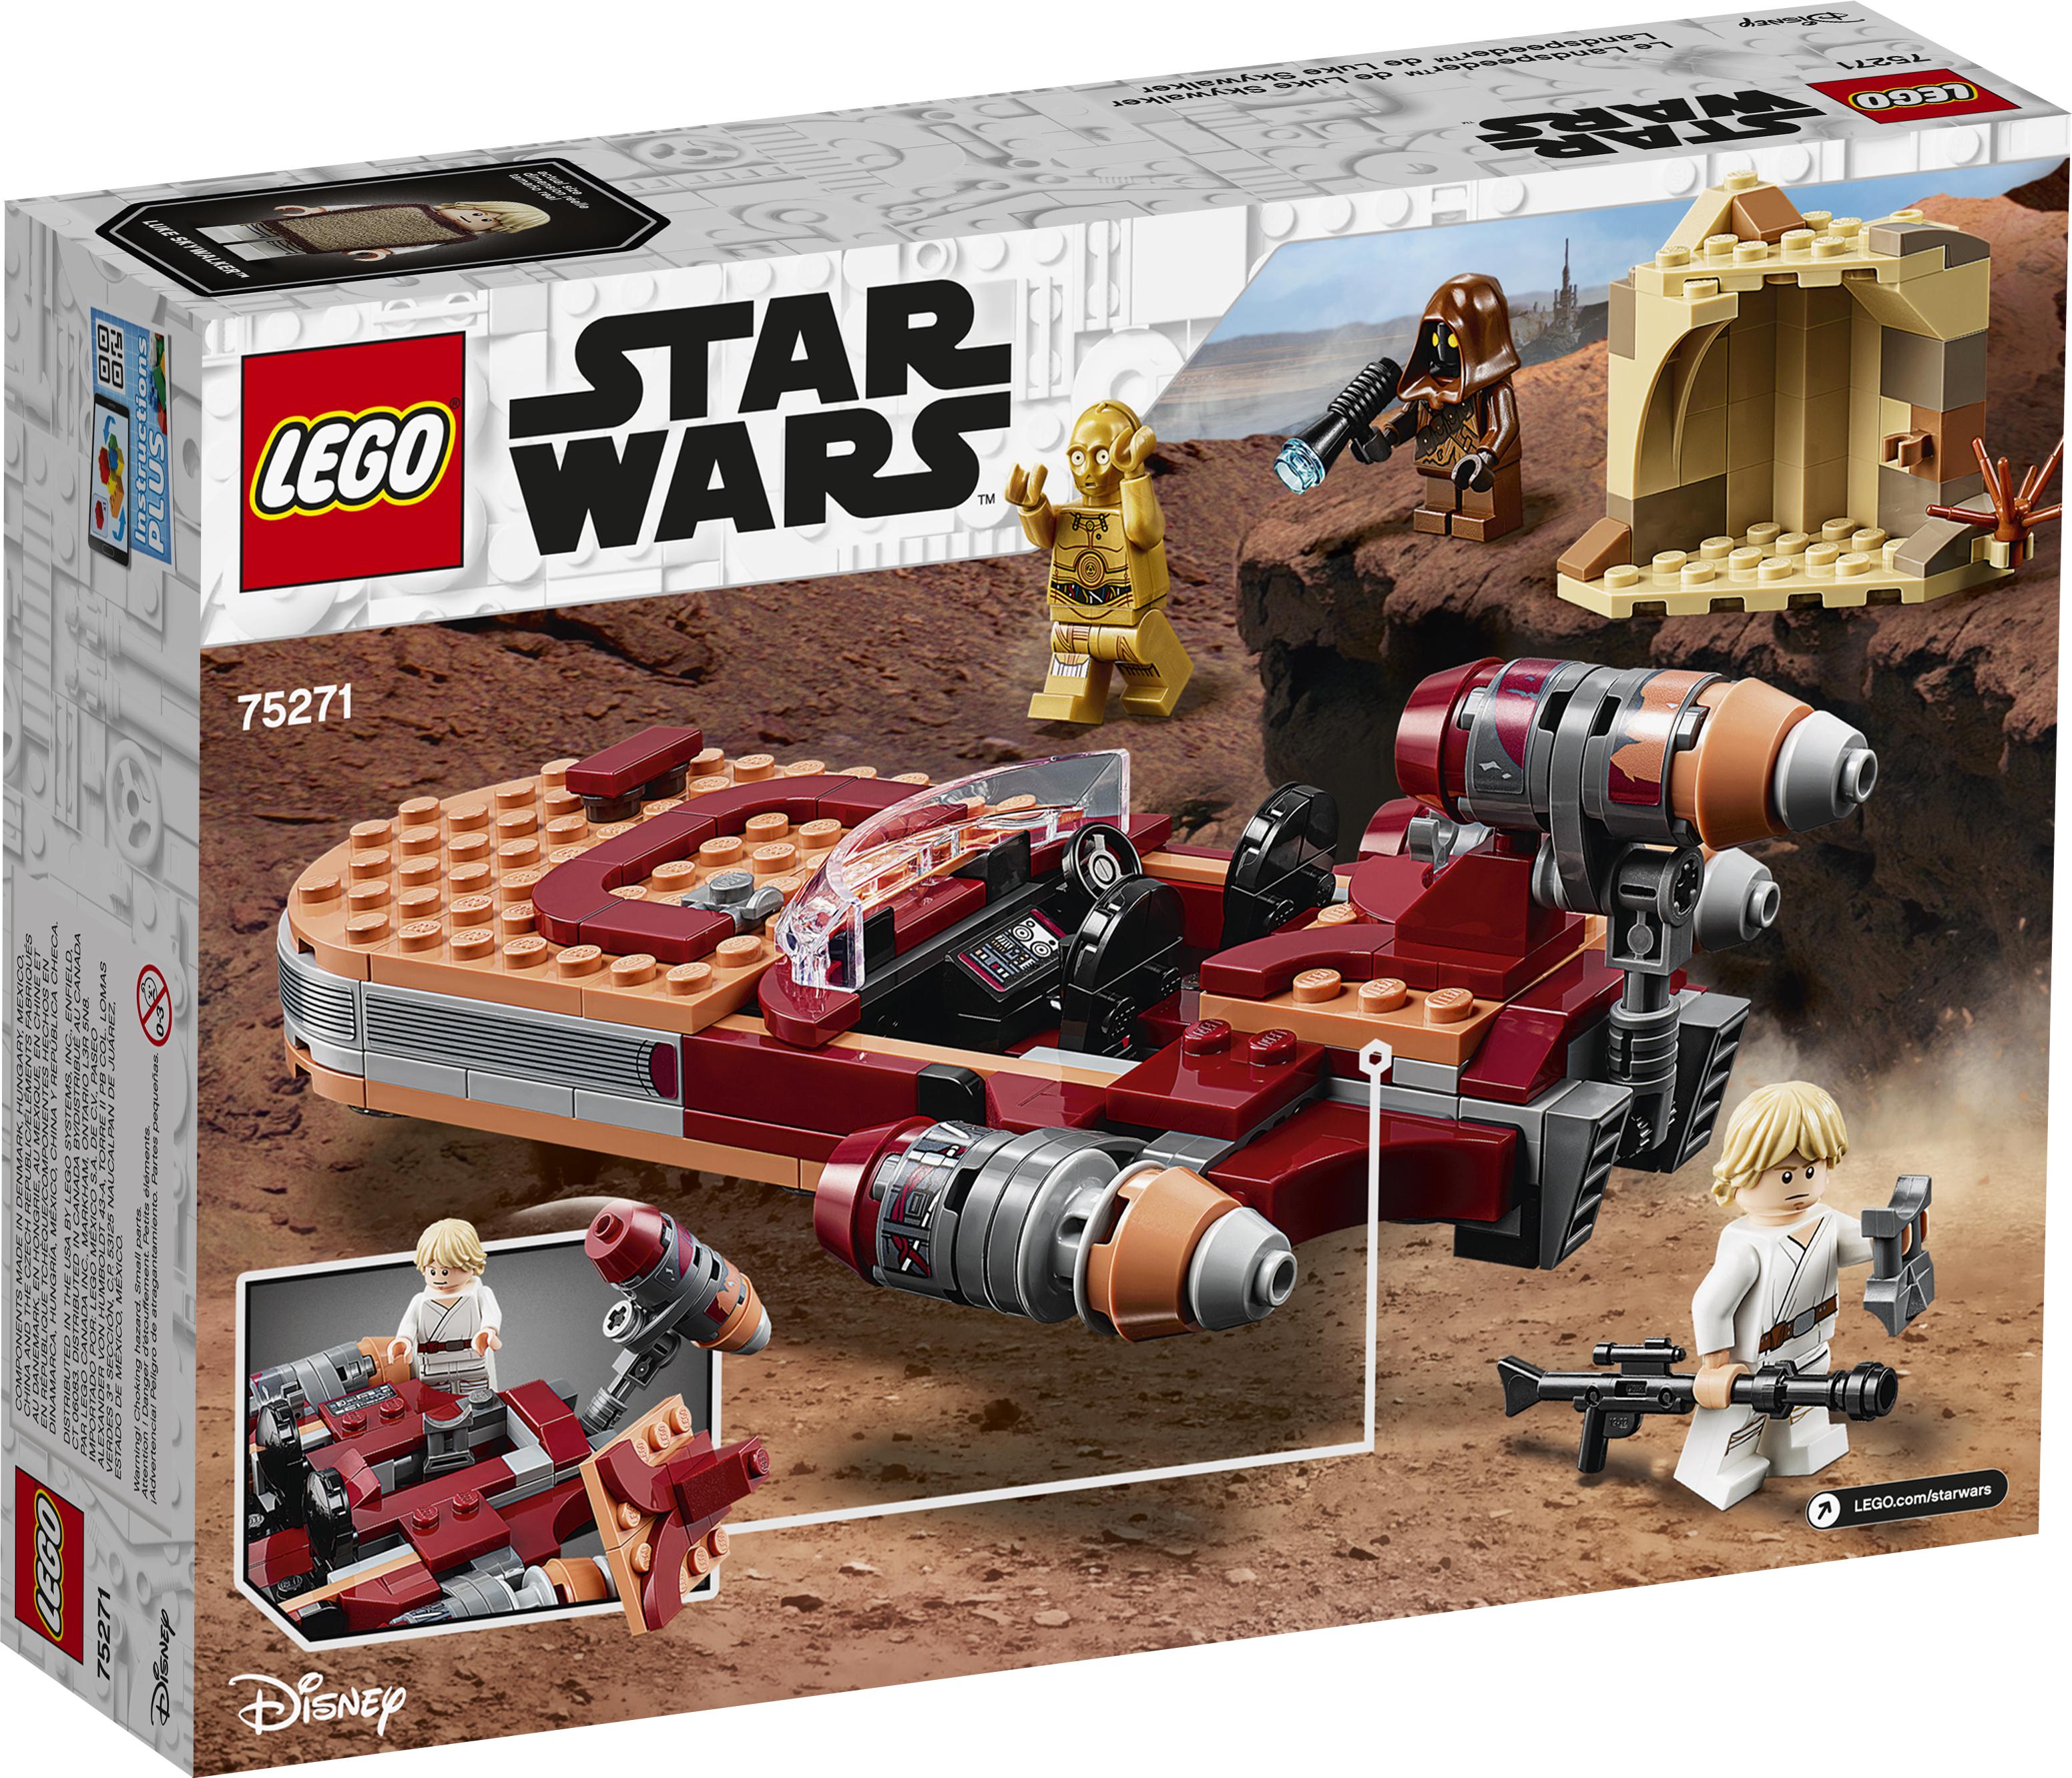 ANH Luke Skywalker's Landspeeder Lego Set 2